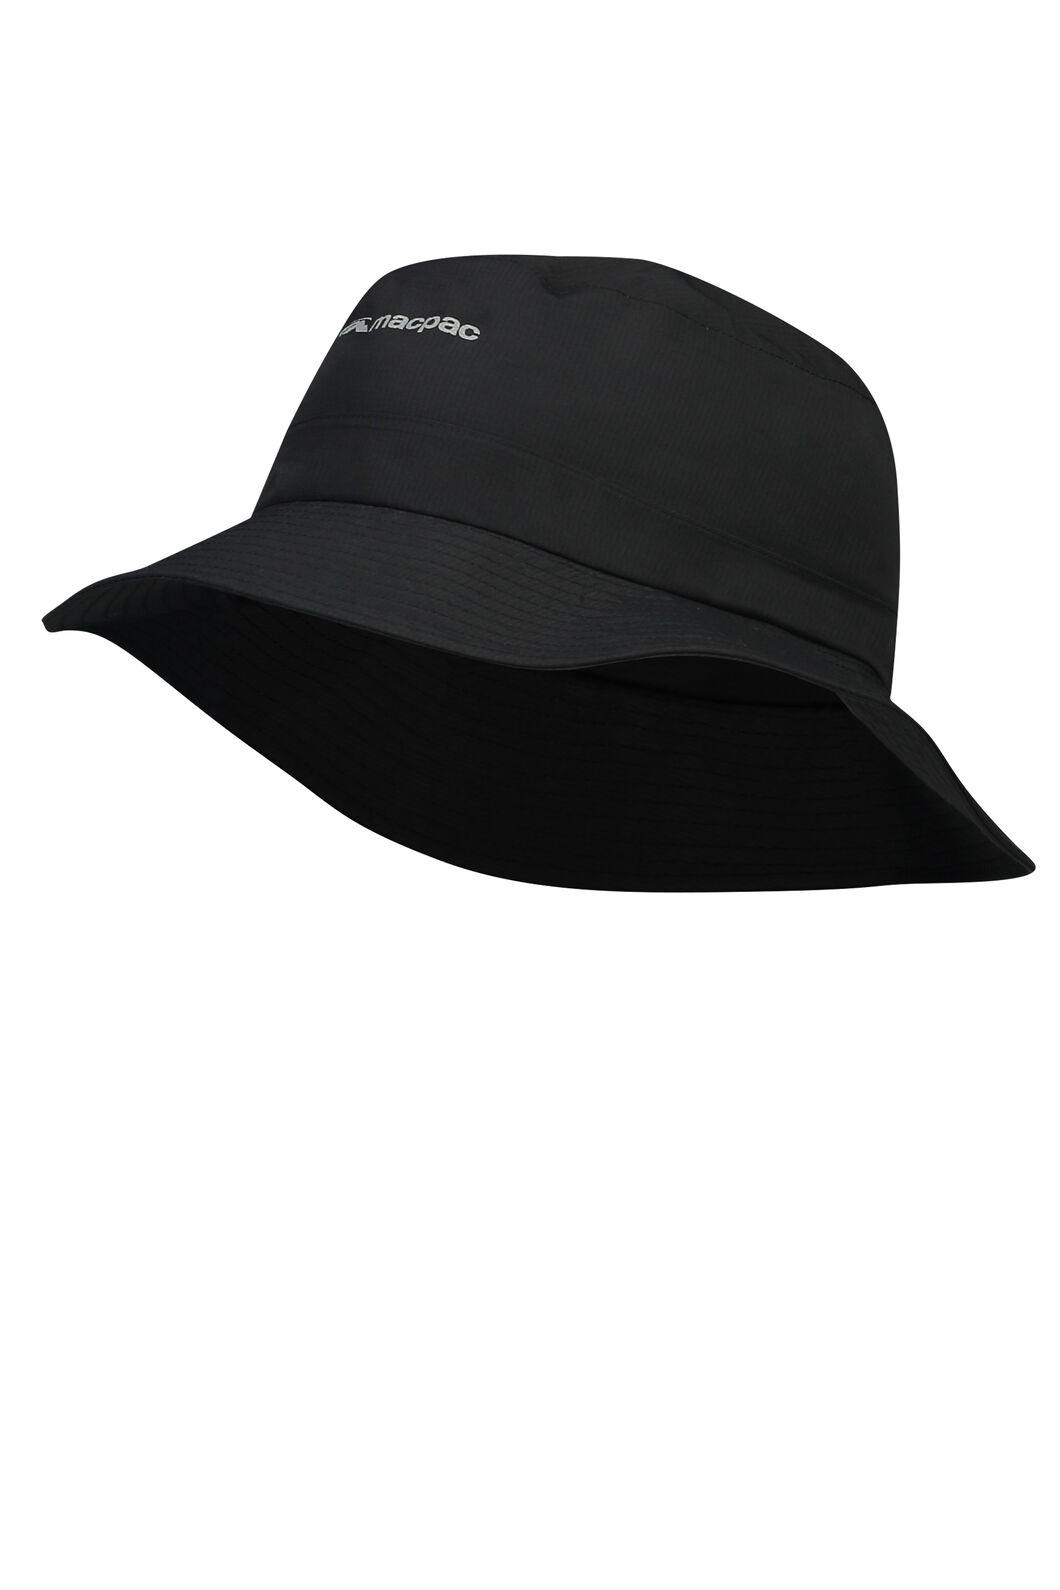 Macpac Waterproof Hat, Black, hi-res